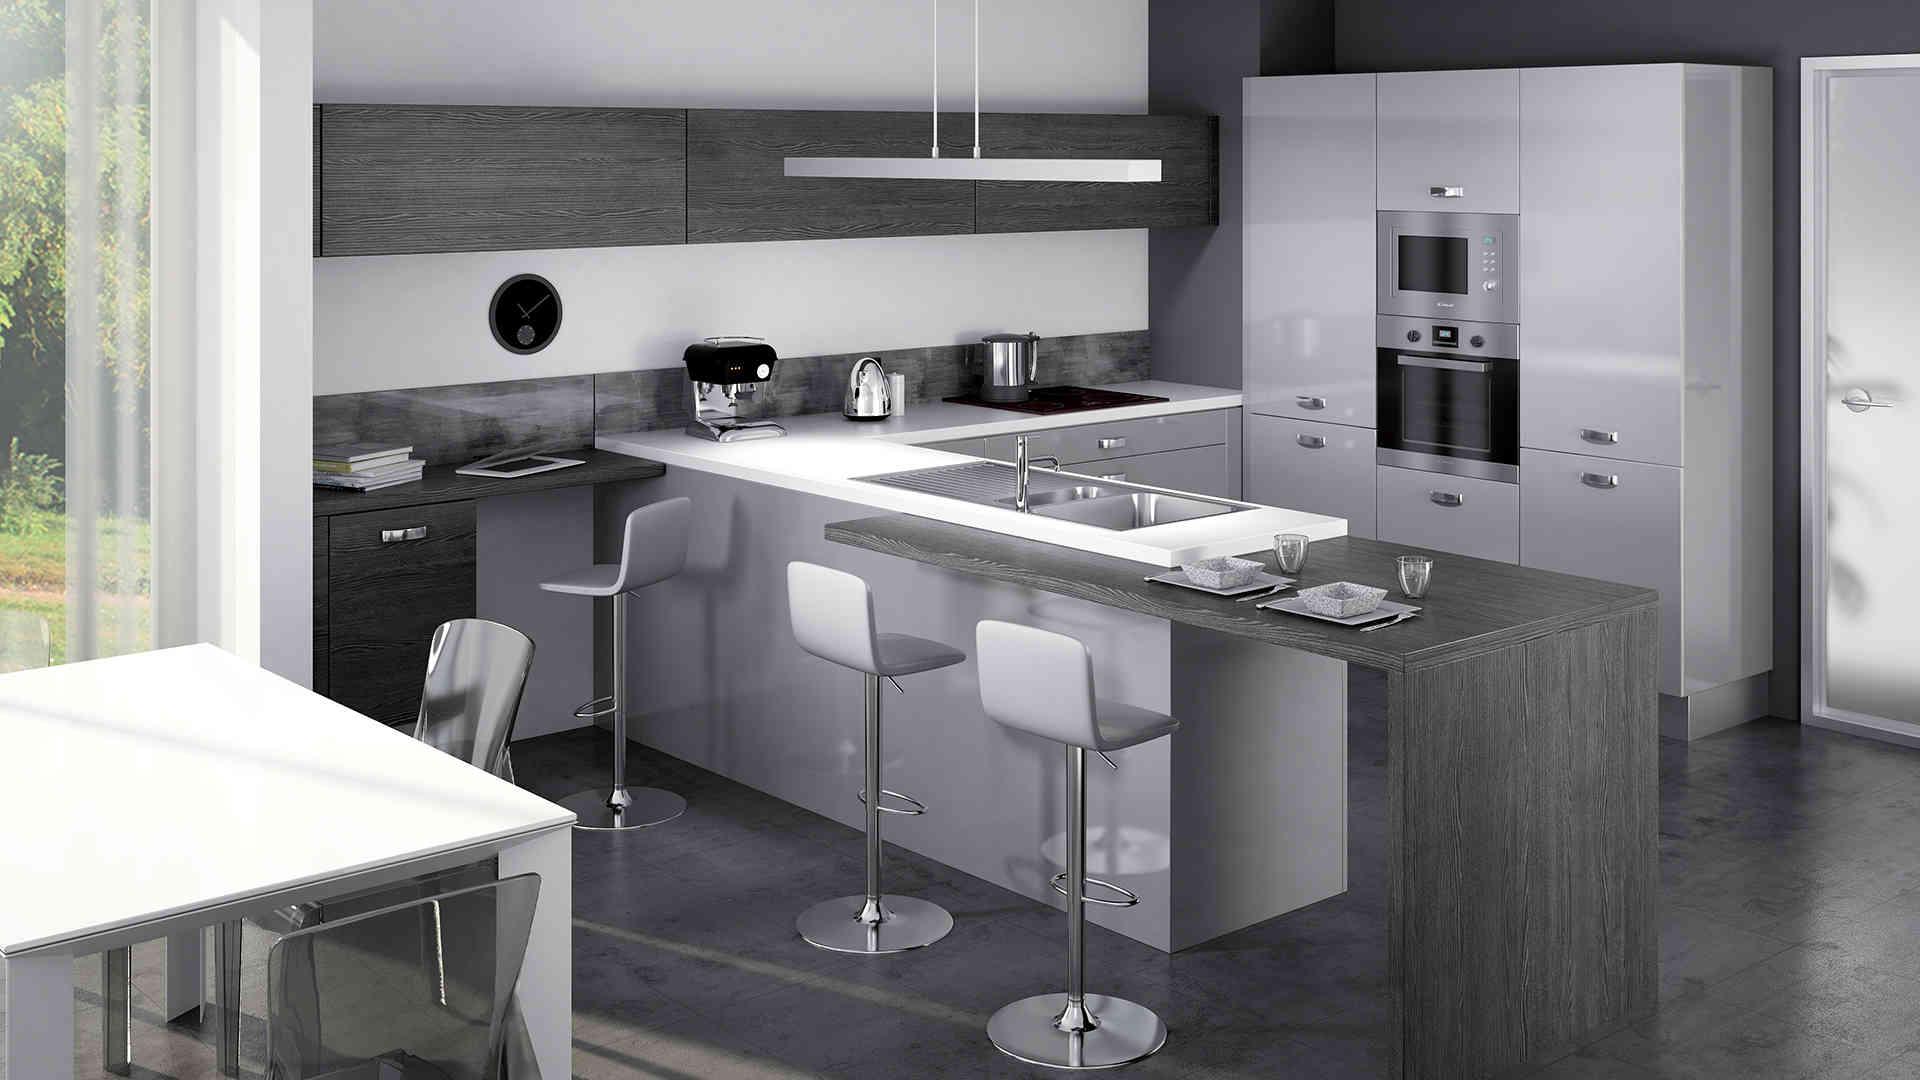 Des idées pour bien aménager sa cuisine   dar déco, décoration ...